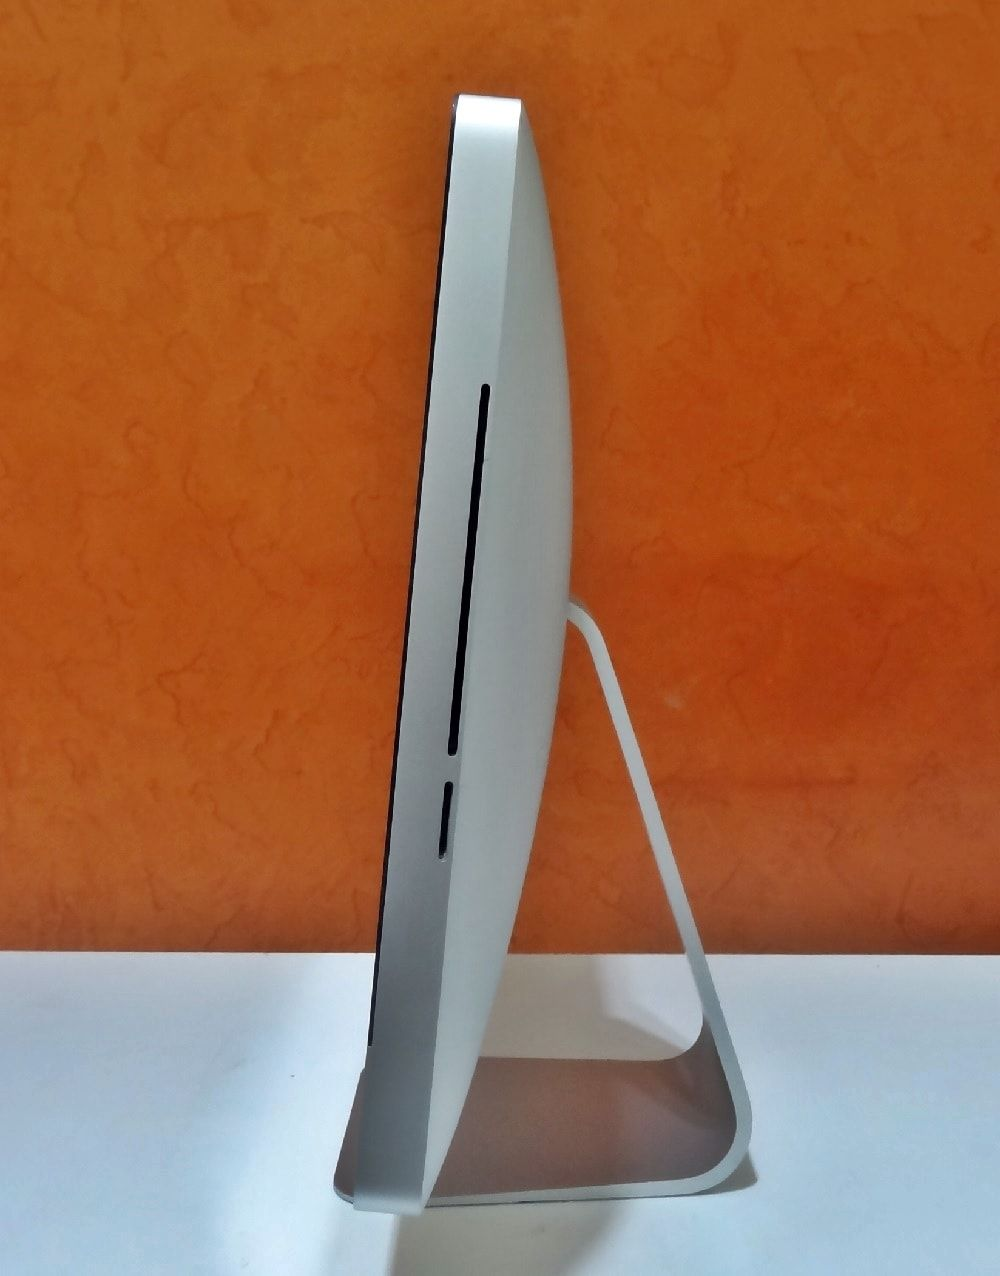 iMac MB950LL/A 21.5'' Intel Core 2 DUO 3.06GHz 8GB HD-1TB   DEDICADA - 256MB (NÃO ENVIAMOS)